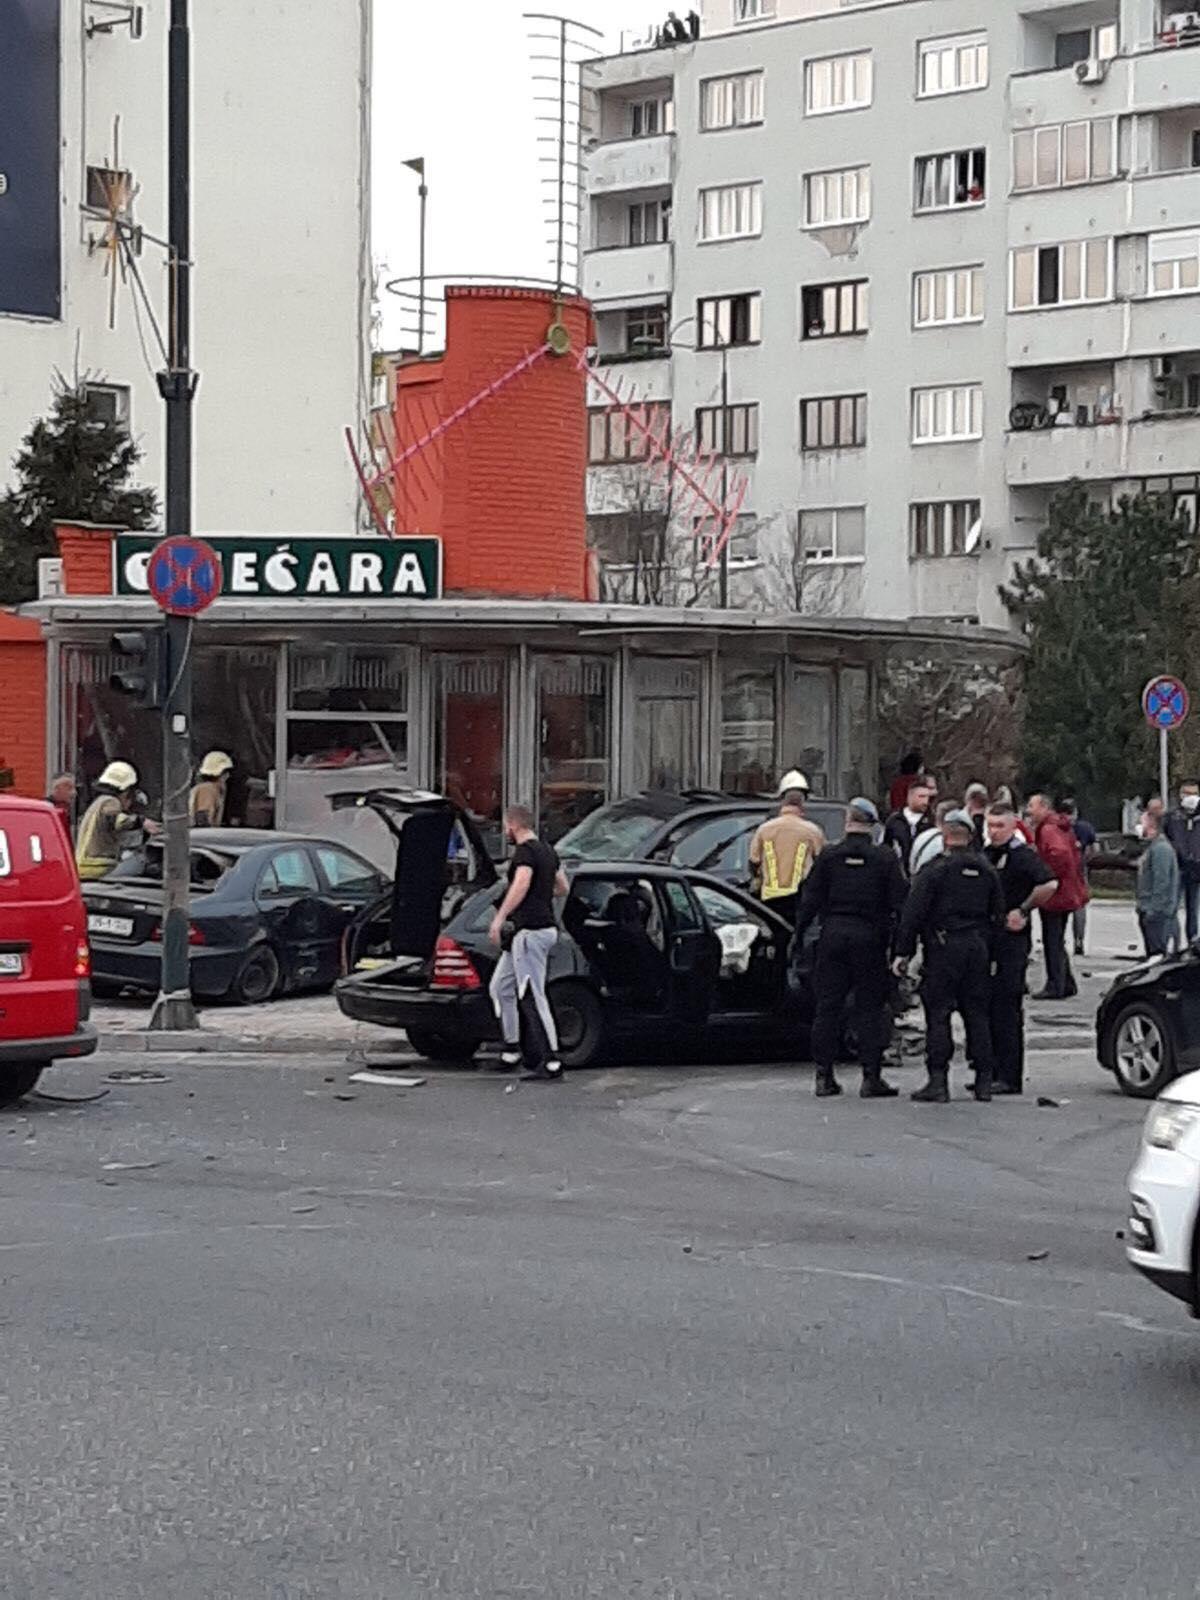 Teška saobraćajna nesreća u Sarajevu